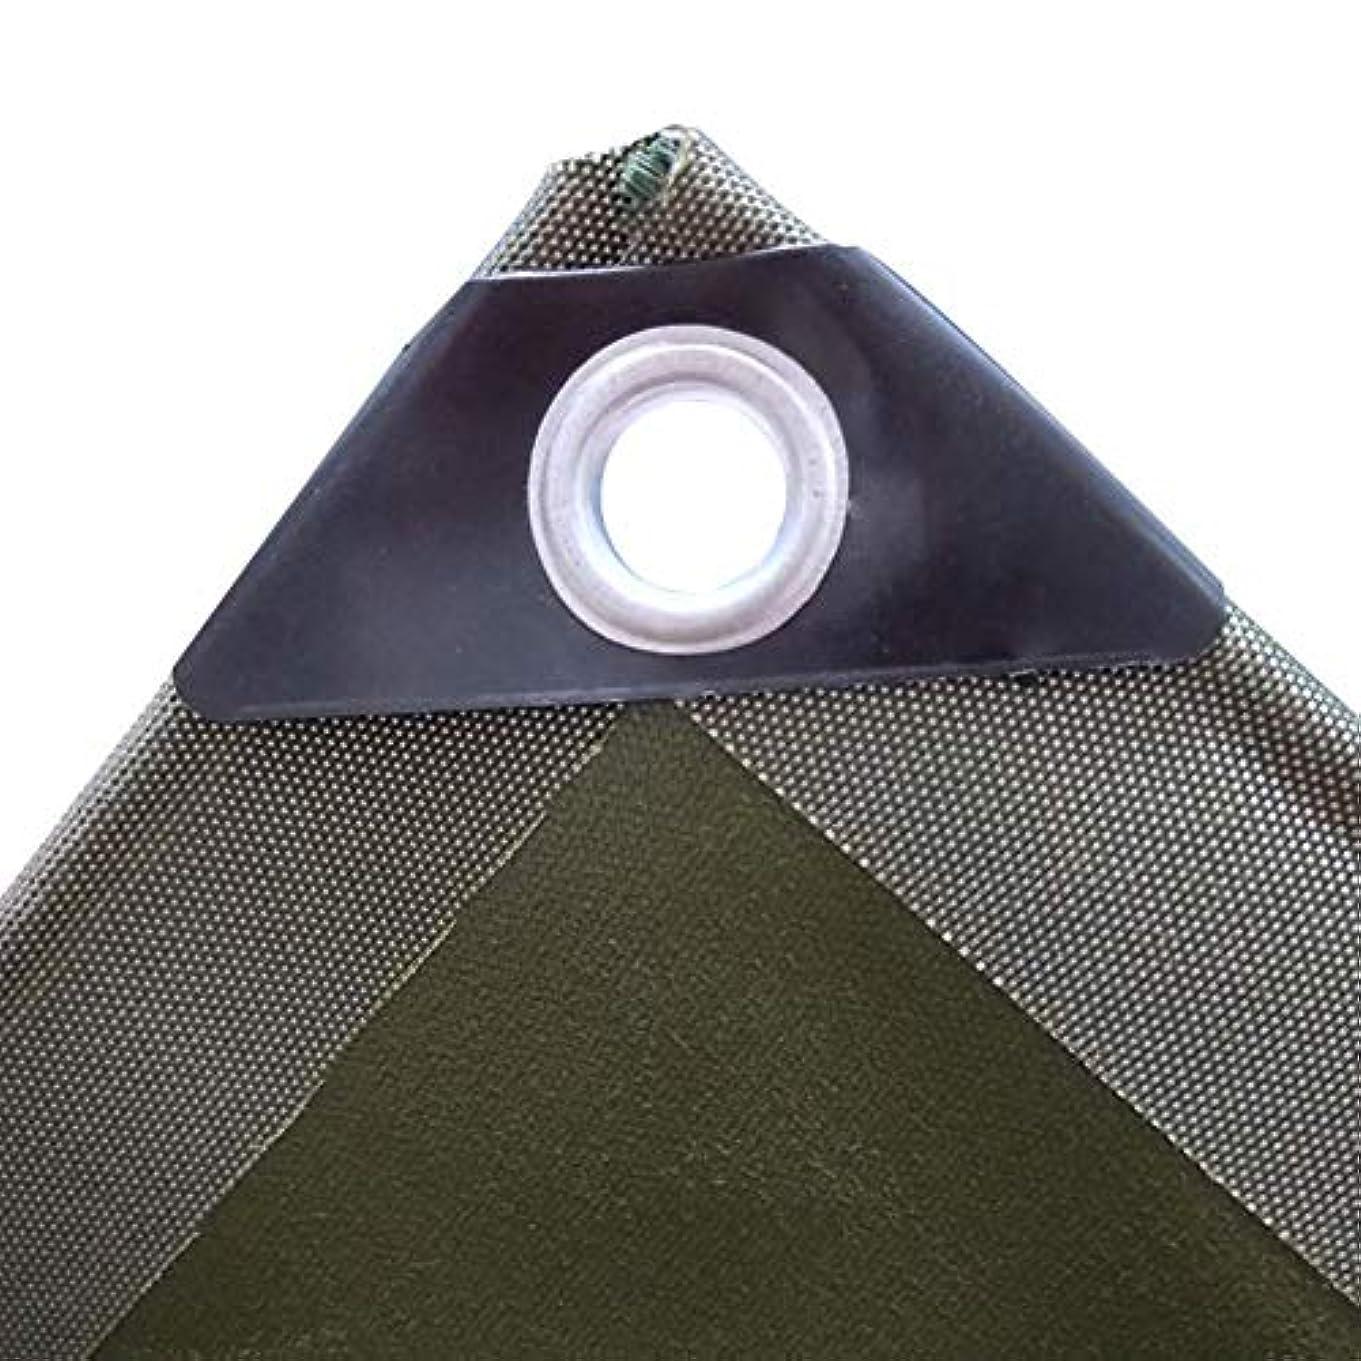 ファイバ社会主義者排泄物防水シートの頑丈な防水耐久力のある防水シートの多層テントトレーラーカバー FENGMIMG (色 : 濃い緑色, サイズ さいず : 3×4m)